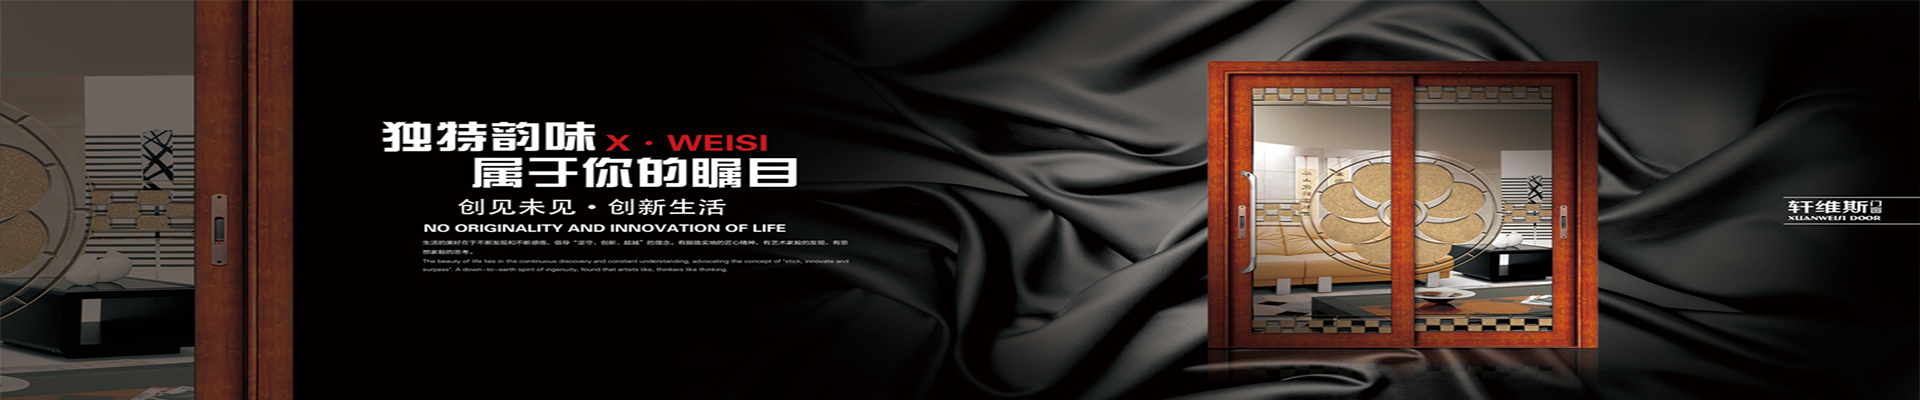 广东轩RAYBET官网下载雷电竞下载官网有限公司有豪华raybetAPP,重型raybetAPP,衣柜门,厨卫平开门欢迎选购